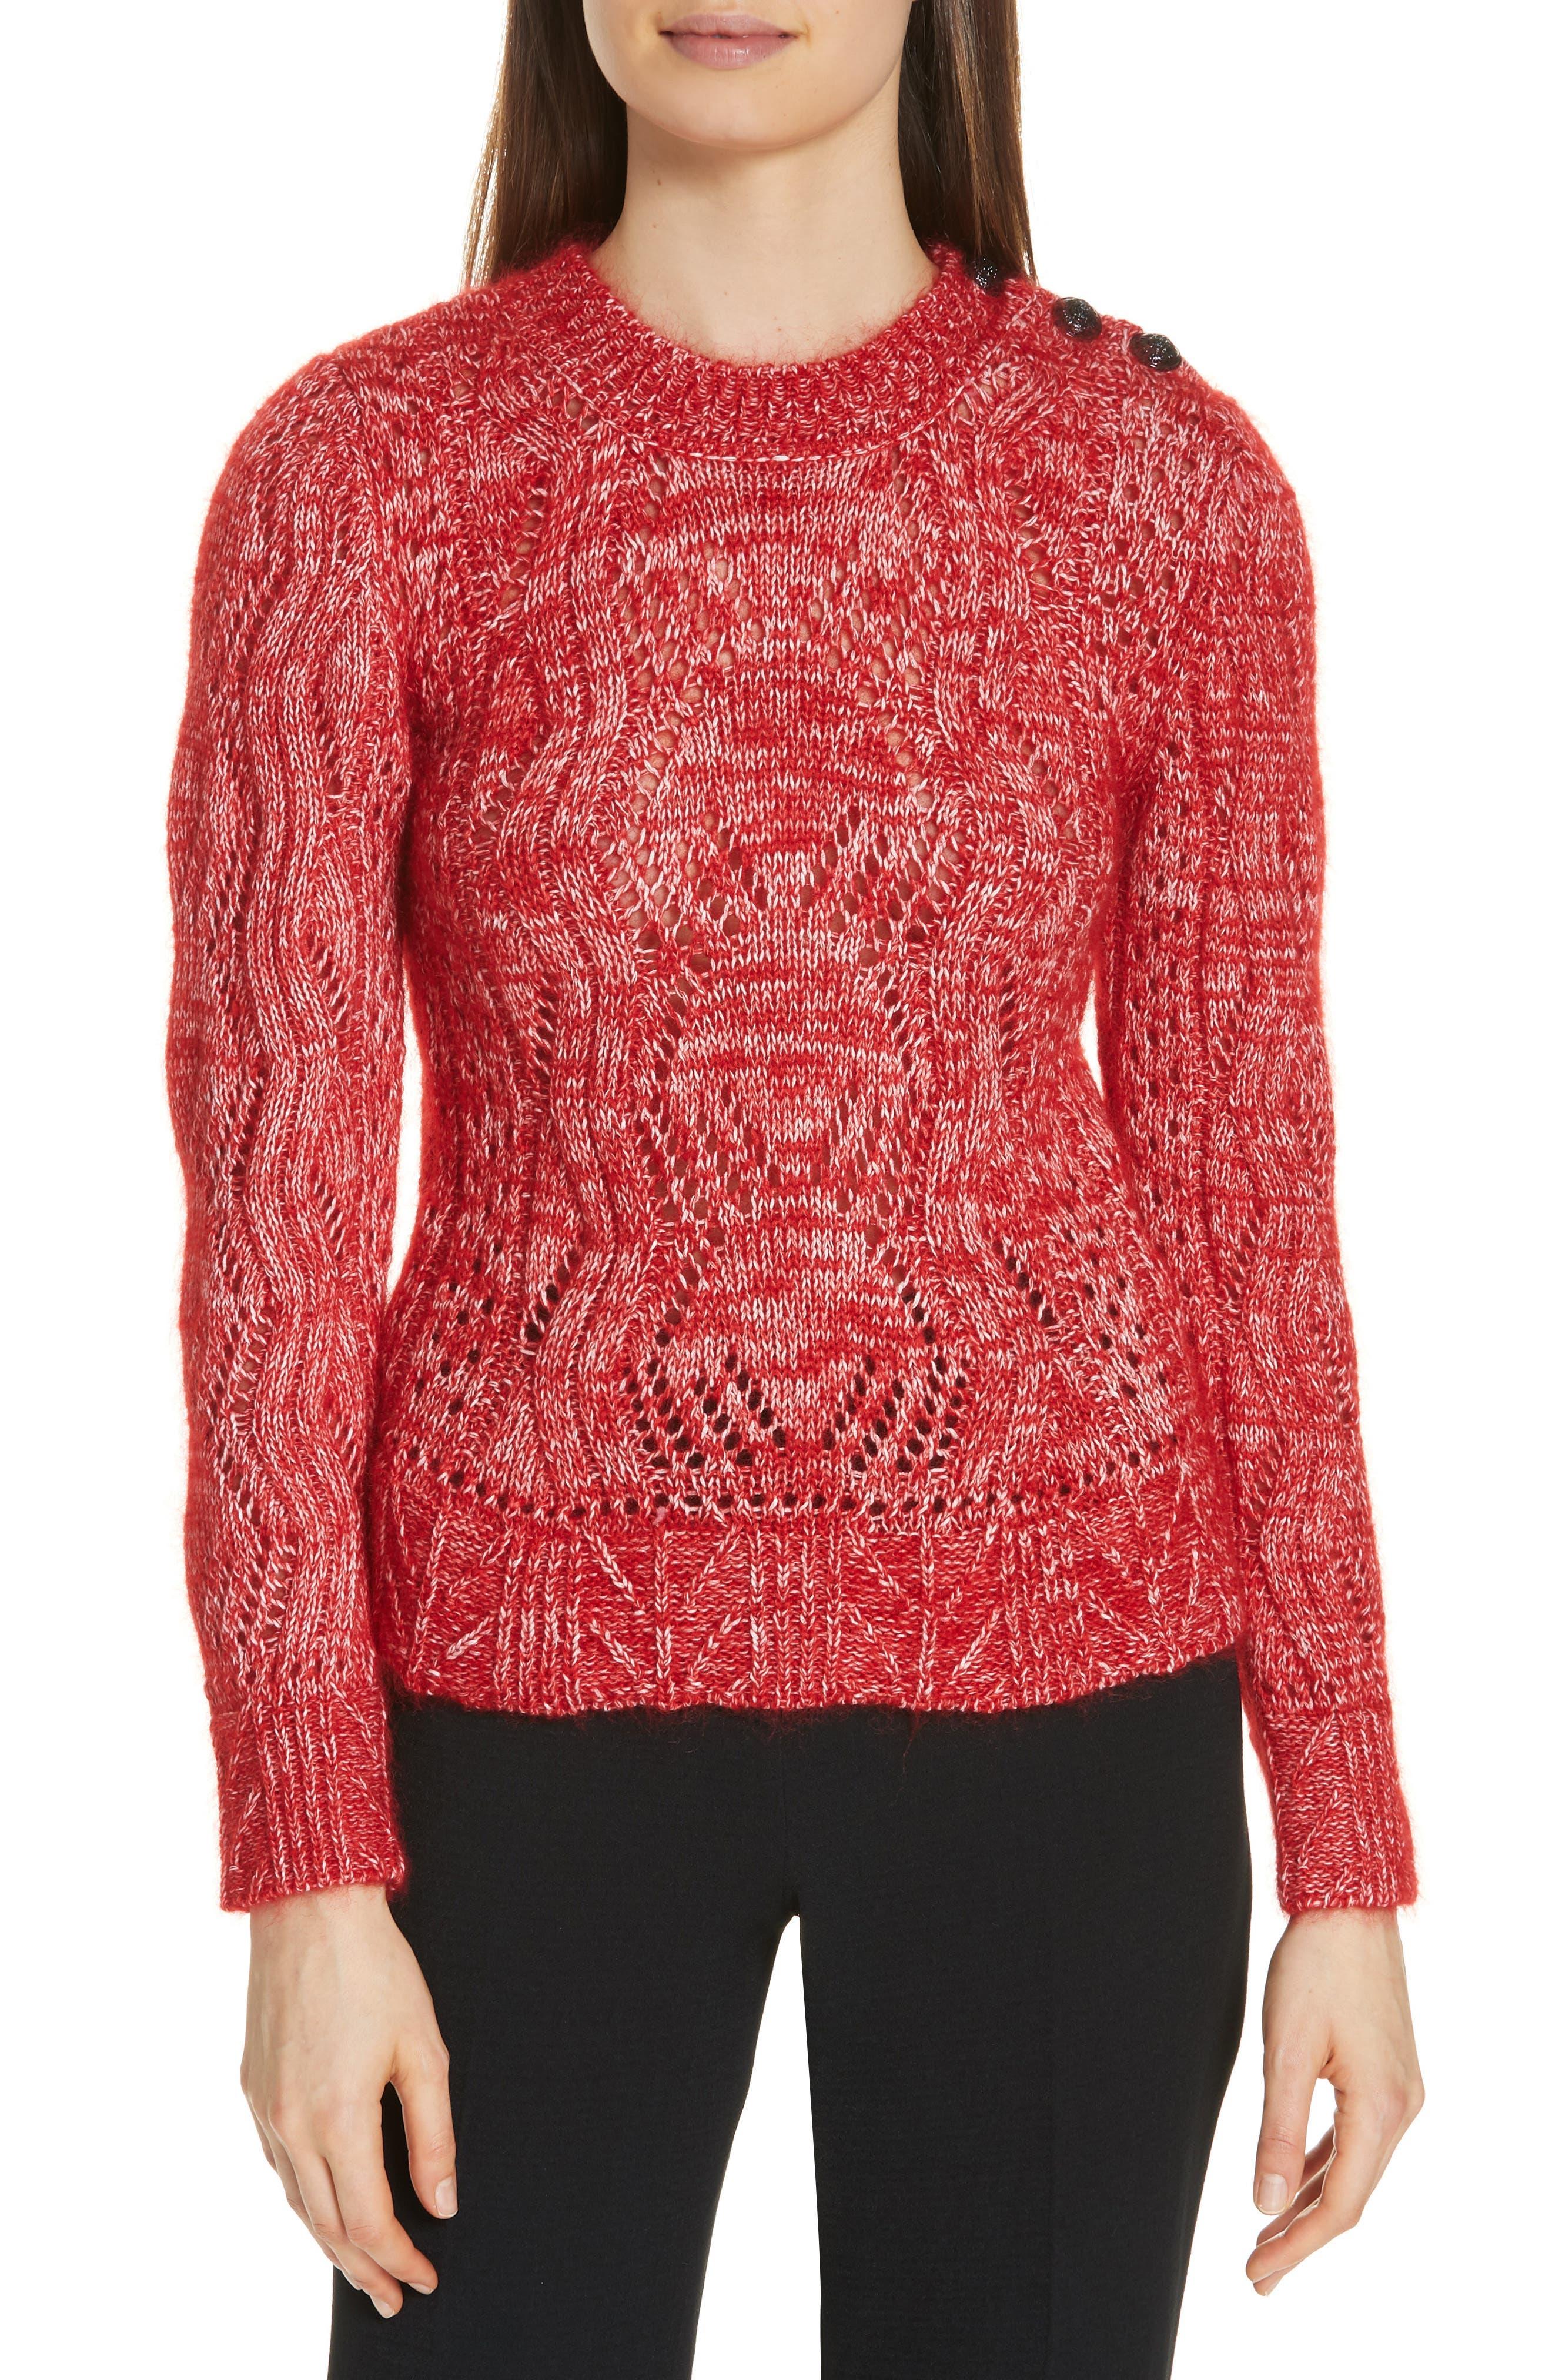 Numa Cotton & Silk Blend Sweater,                             Main thumbnail 1, color,                             600